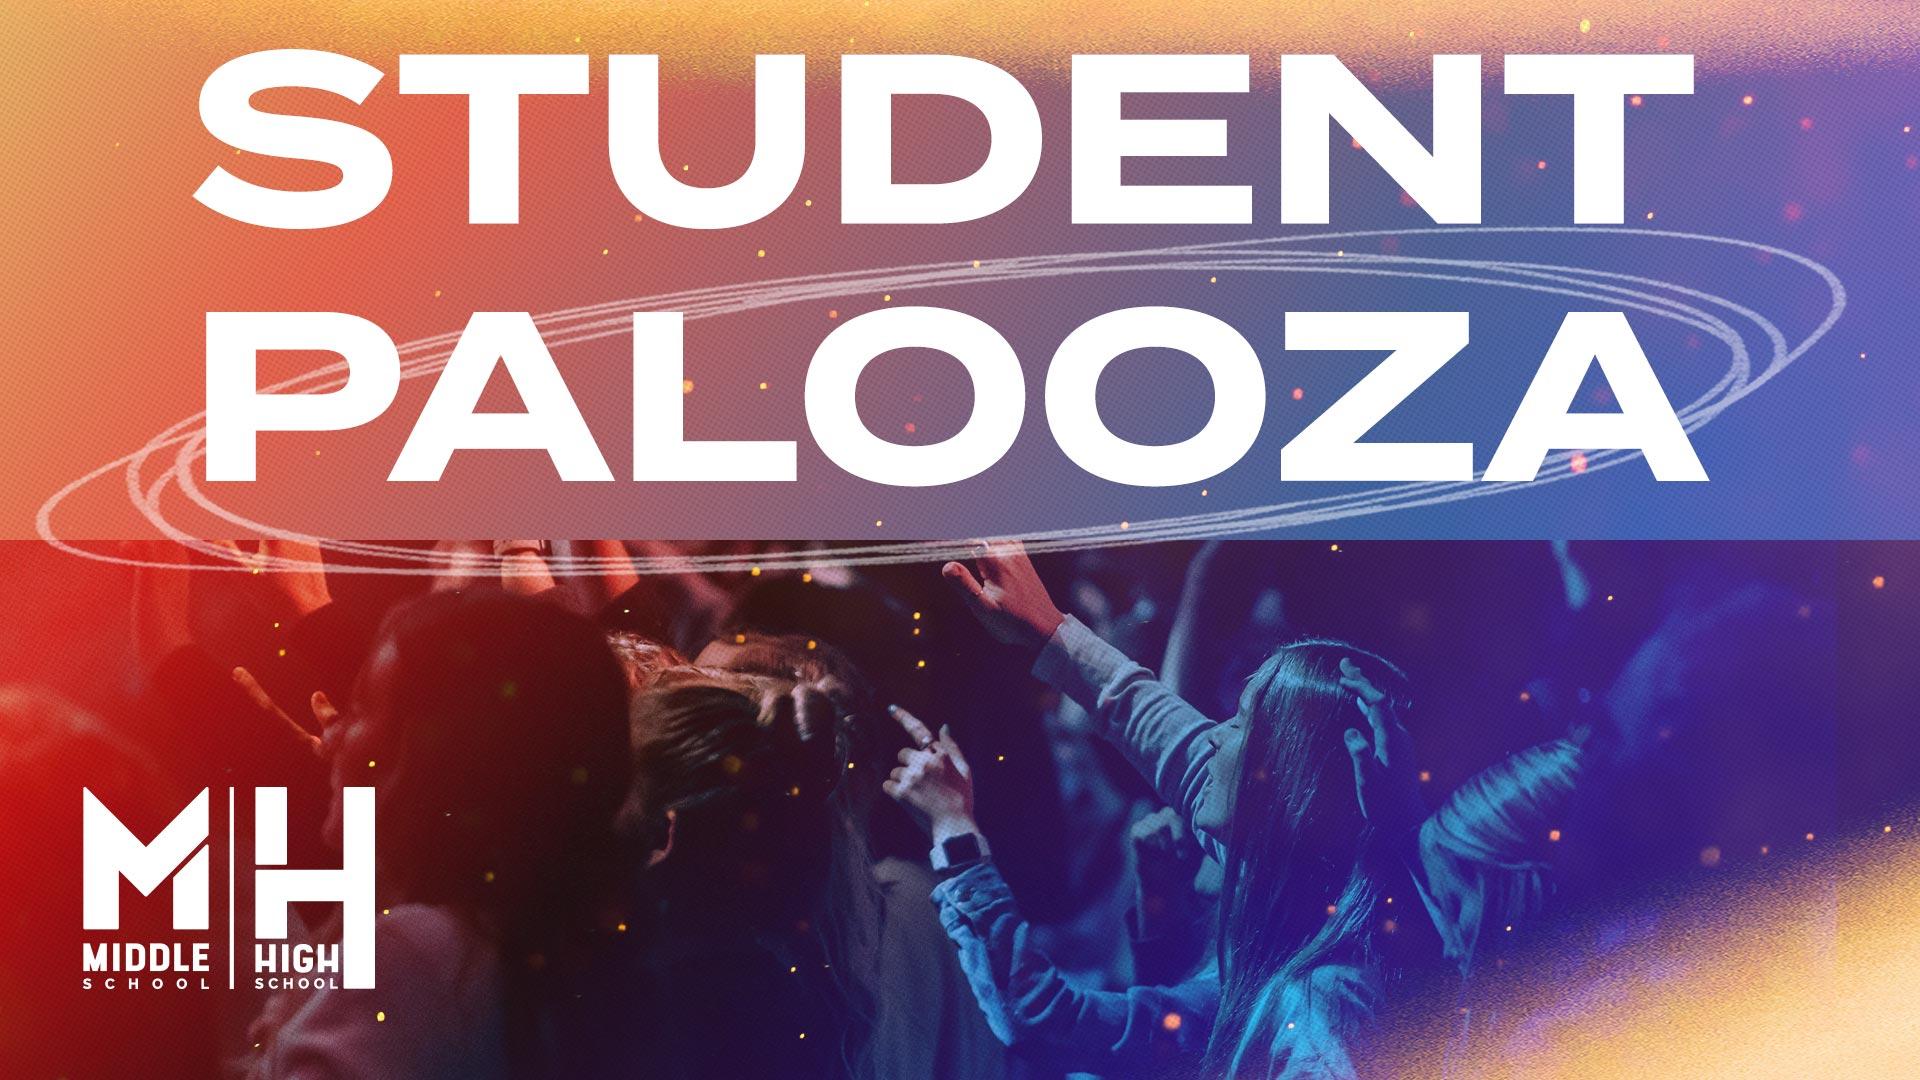 Student Palooza